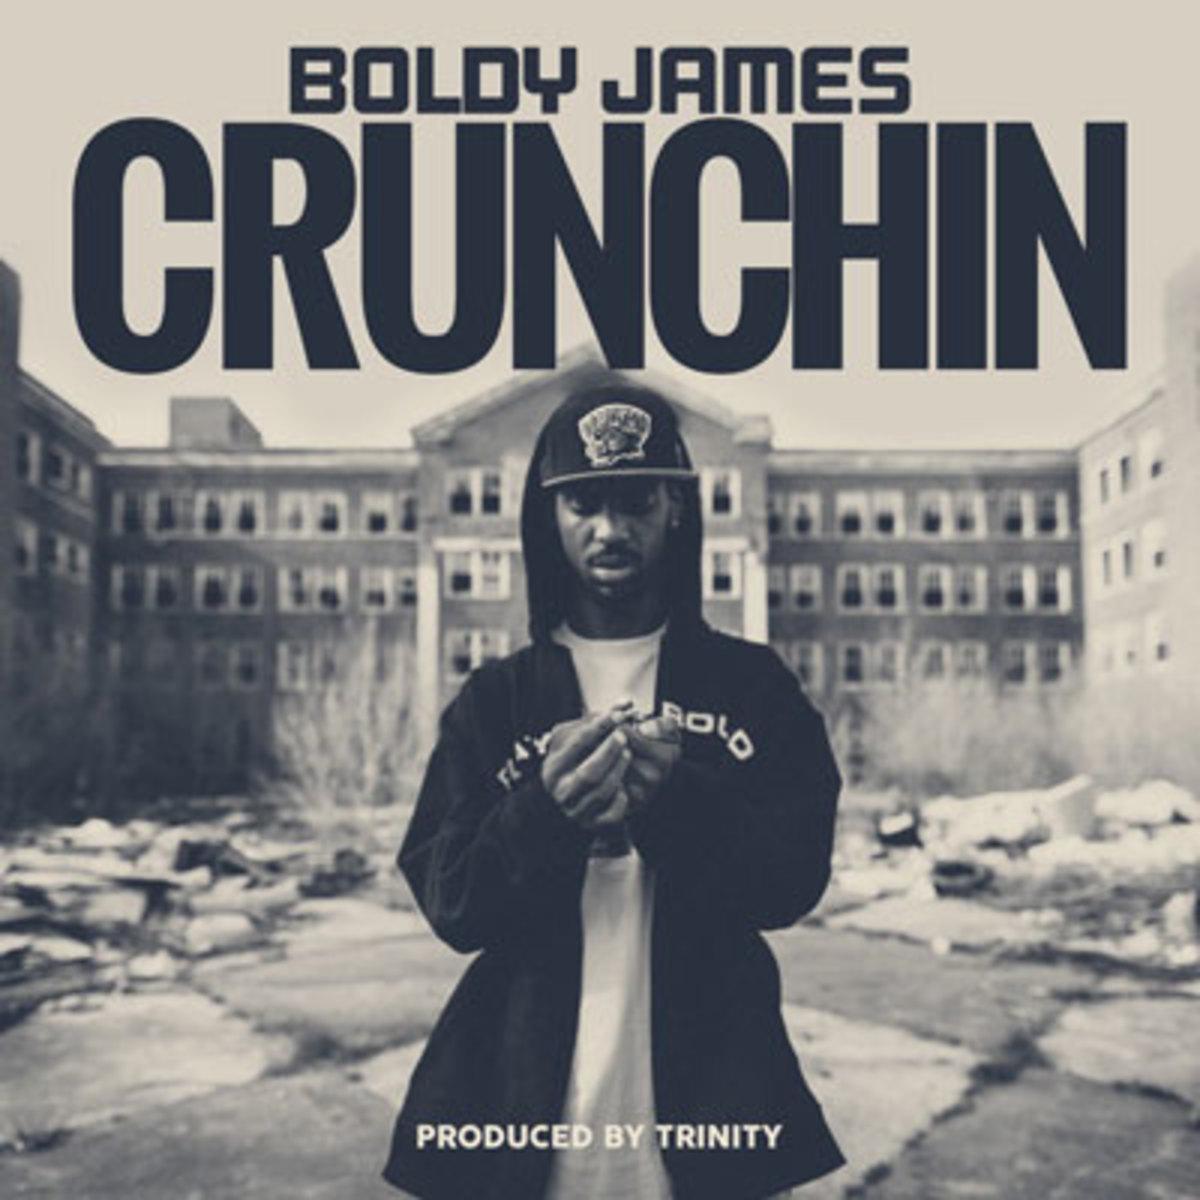 boldyjames-crunchin.jpg